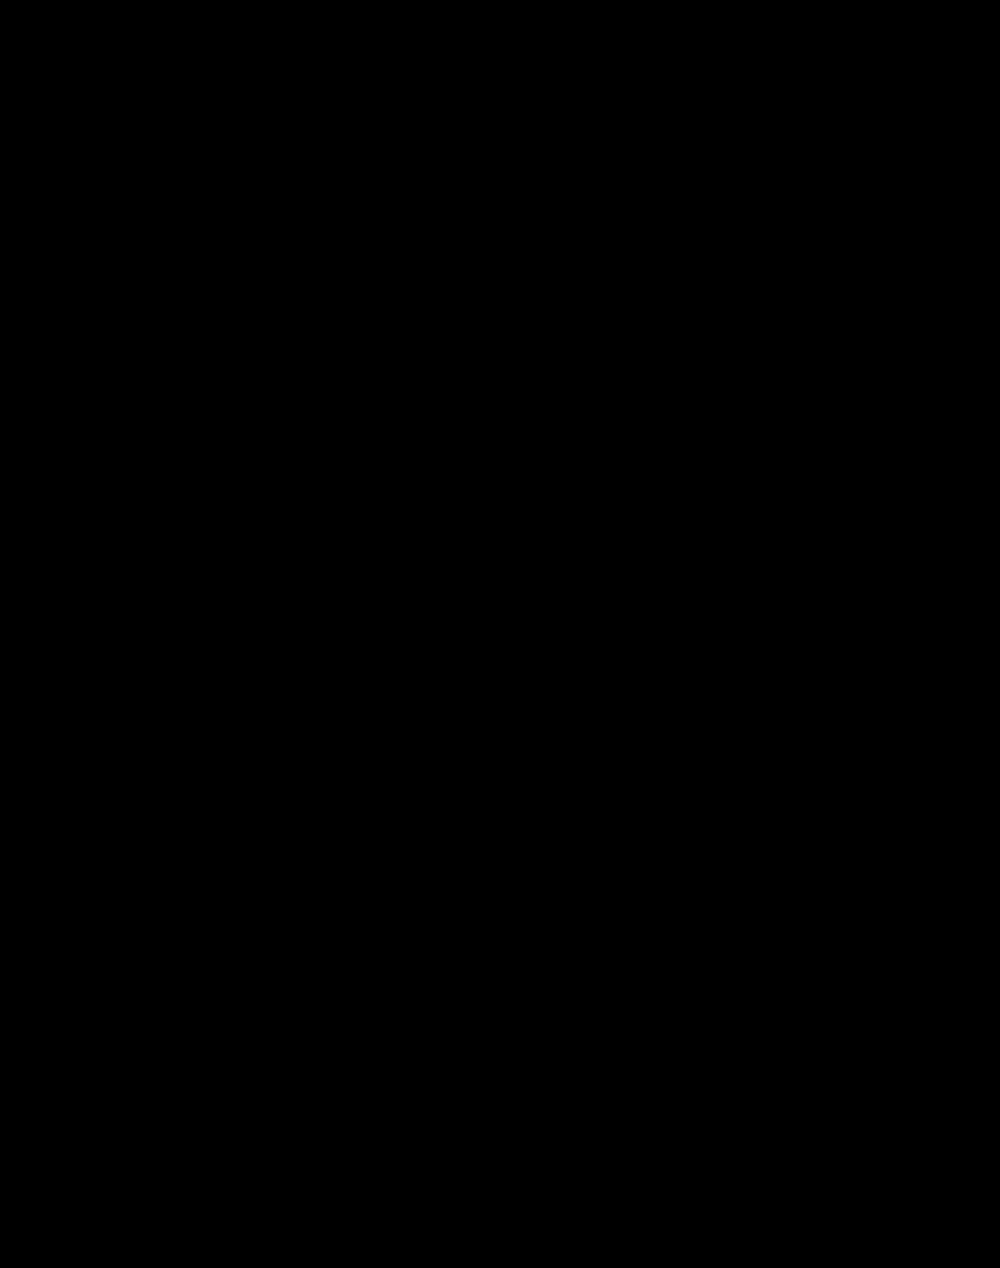 Ark_Logos_9.16_v2_TallA.png